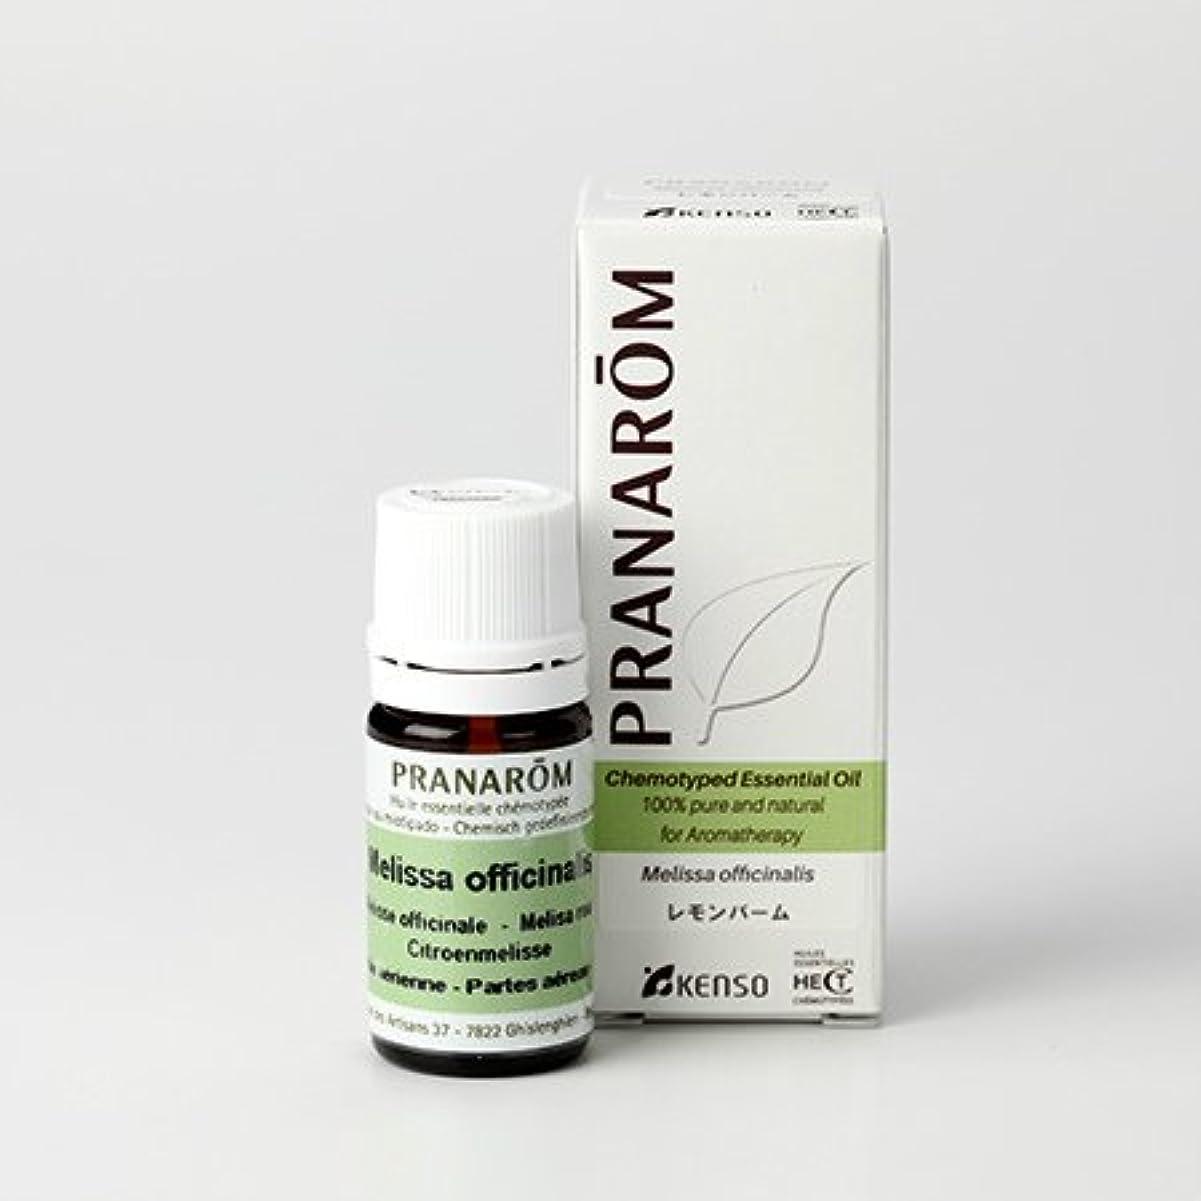 謝罪する真鍮謎めいたプラナロム レモンバーム 5ml (PRANAROM ケモタイプ精油)